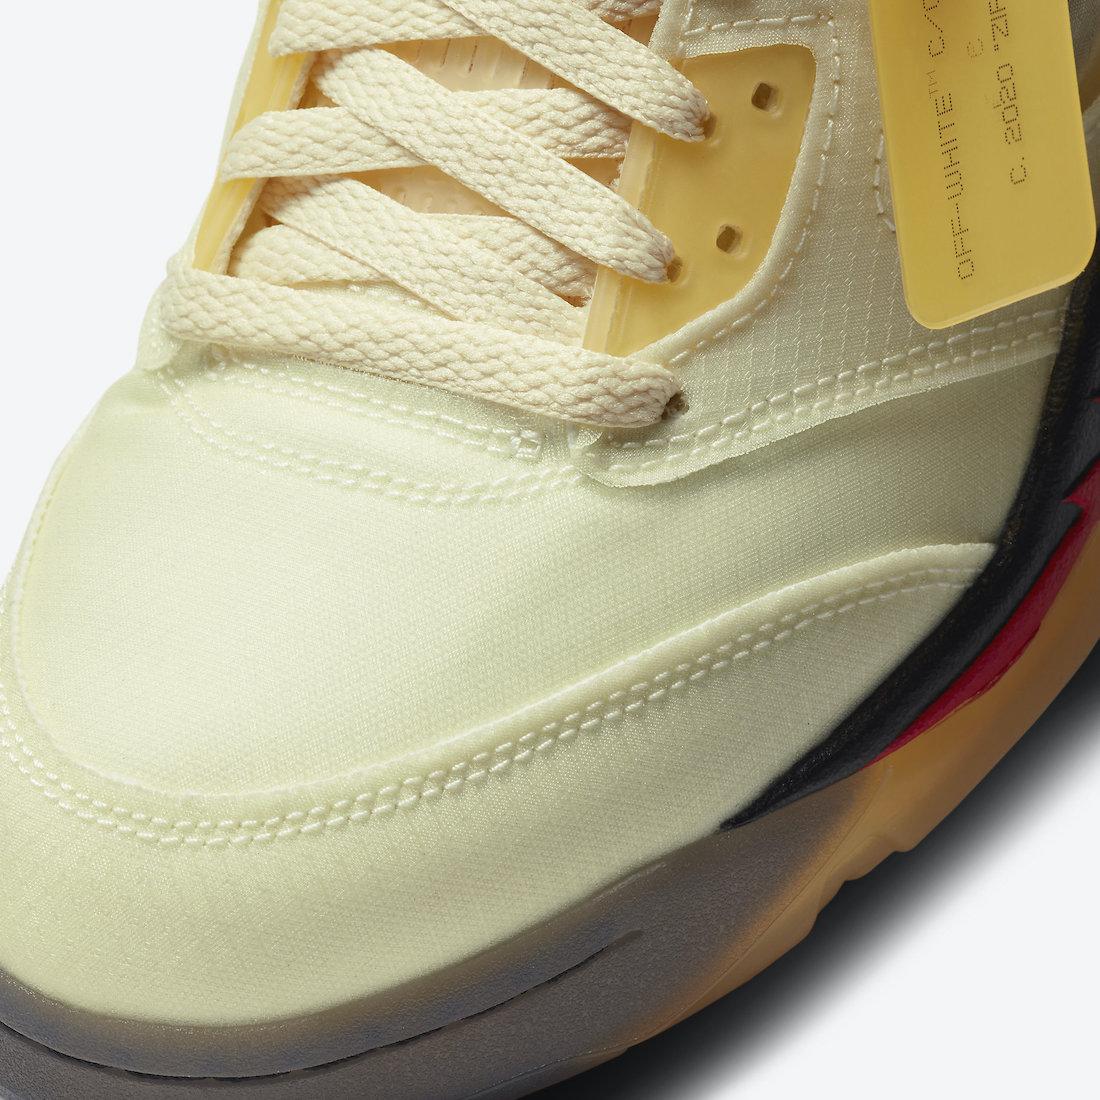 オフホワイト ナイキ コラボ エア ジョーダン 5 セイル Off-White Nike Air Jordan 5 Sail Fire Red DH8565-100 close toe